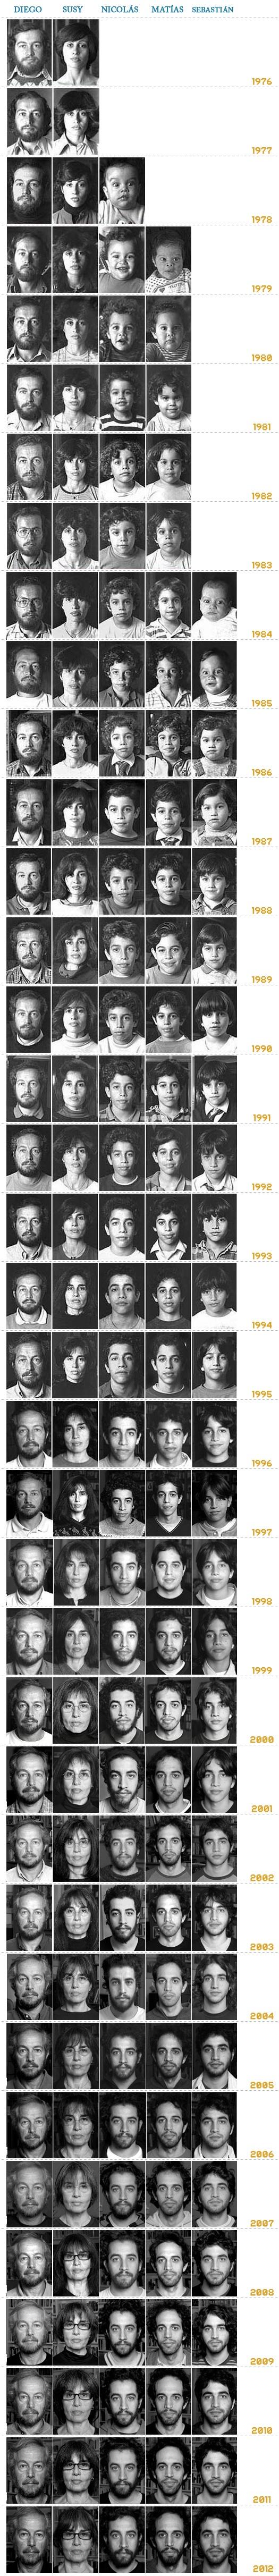 The Arrow of Time - Diego en Susy Goldberg uit Buenos Aires maken elk jaar op 17 juni een foto van elk gezinslid, in precies dezelfde pose. Alle foto's worden op een tijdlijn gezet. Het is verbazingwekkend hoe snel de tijd gaat. Volg hun project hier: http://zonezero.com/magazine/essays/diegotime/time.html